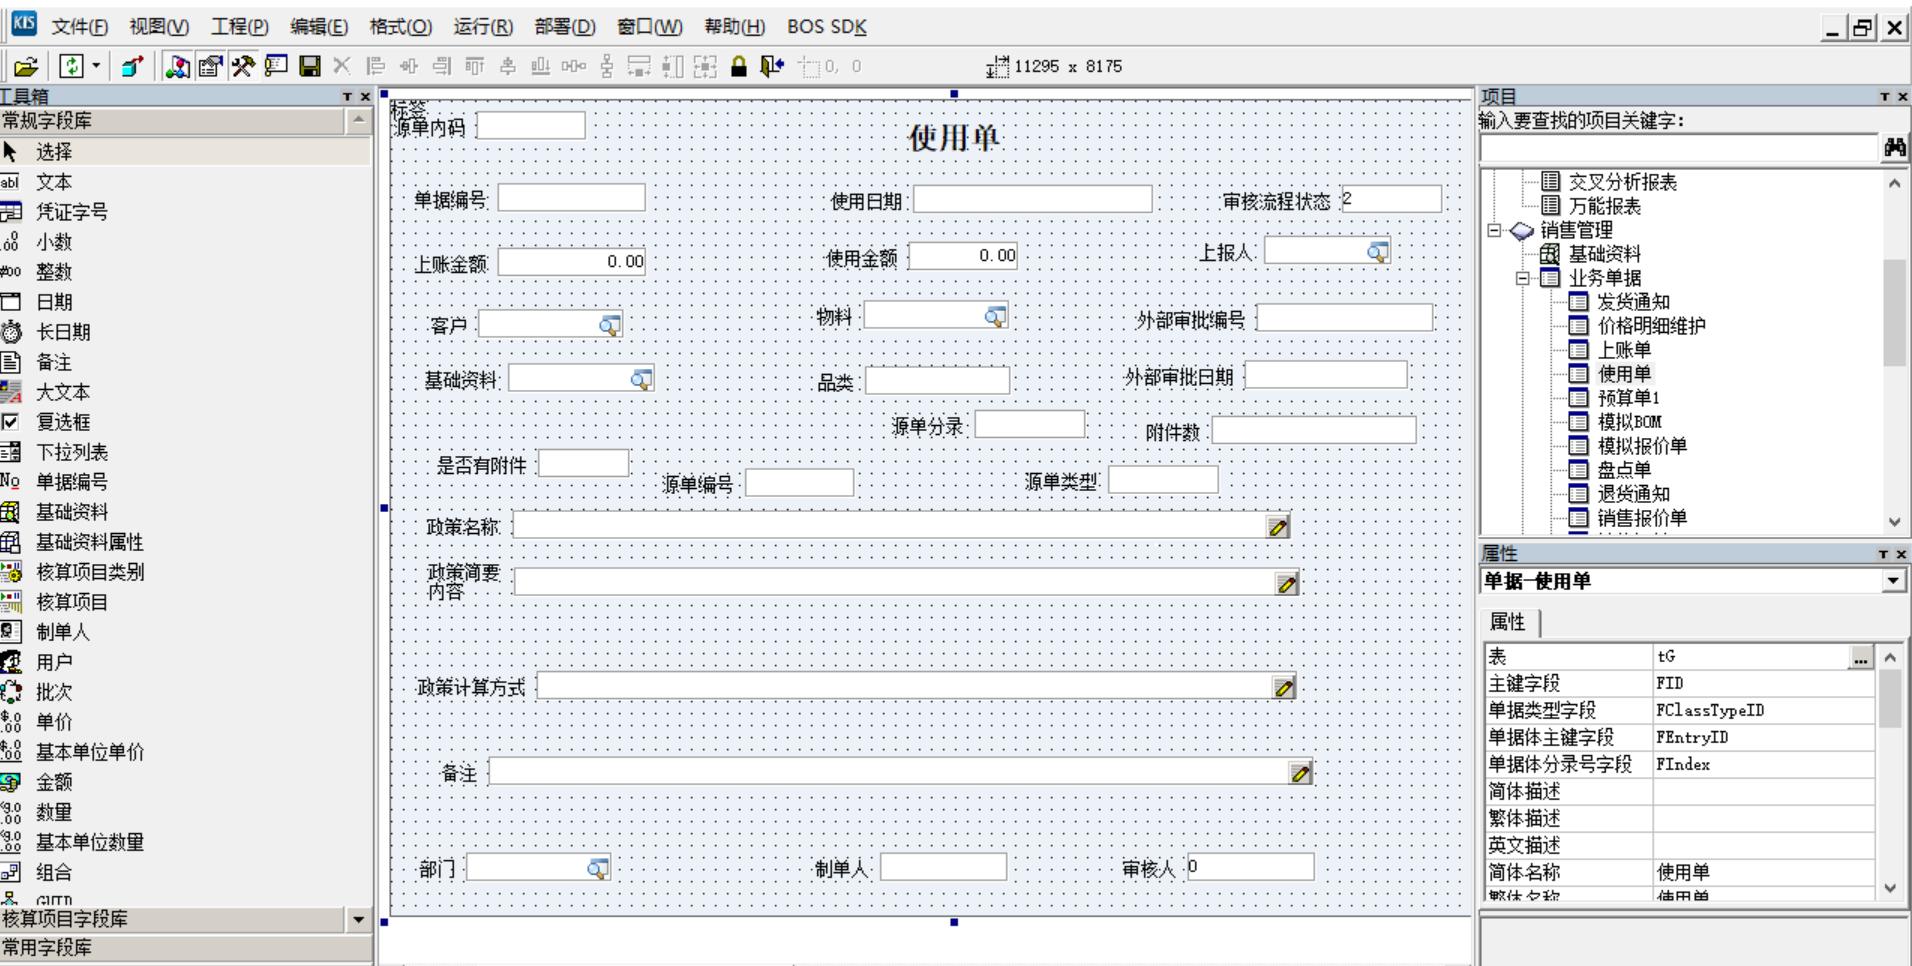 旗舰版6.0 BOS平台制作表单